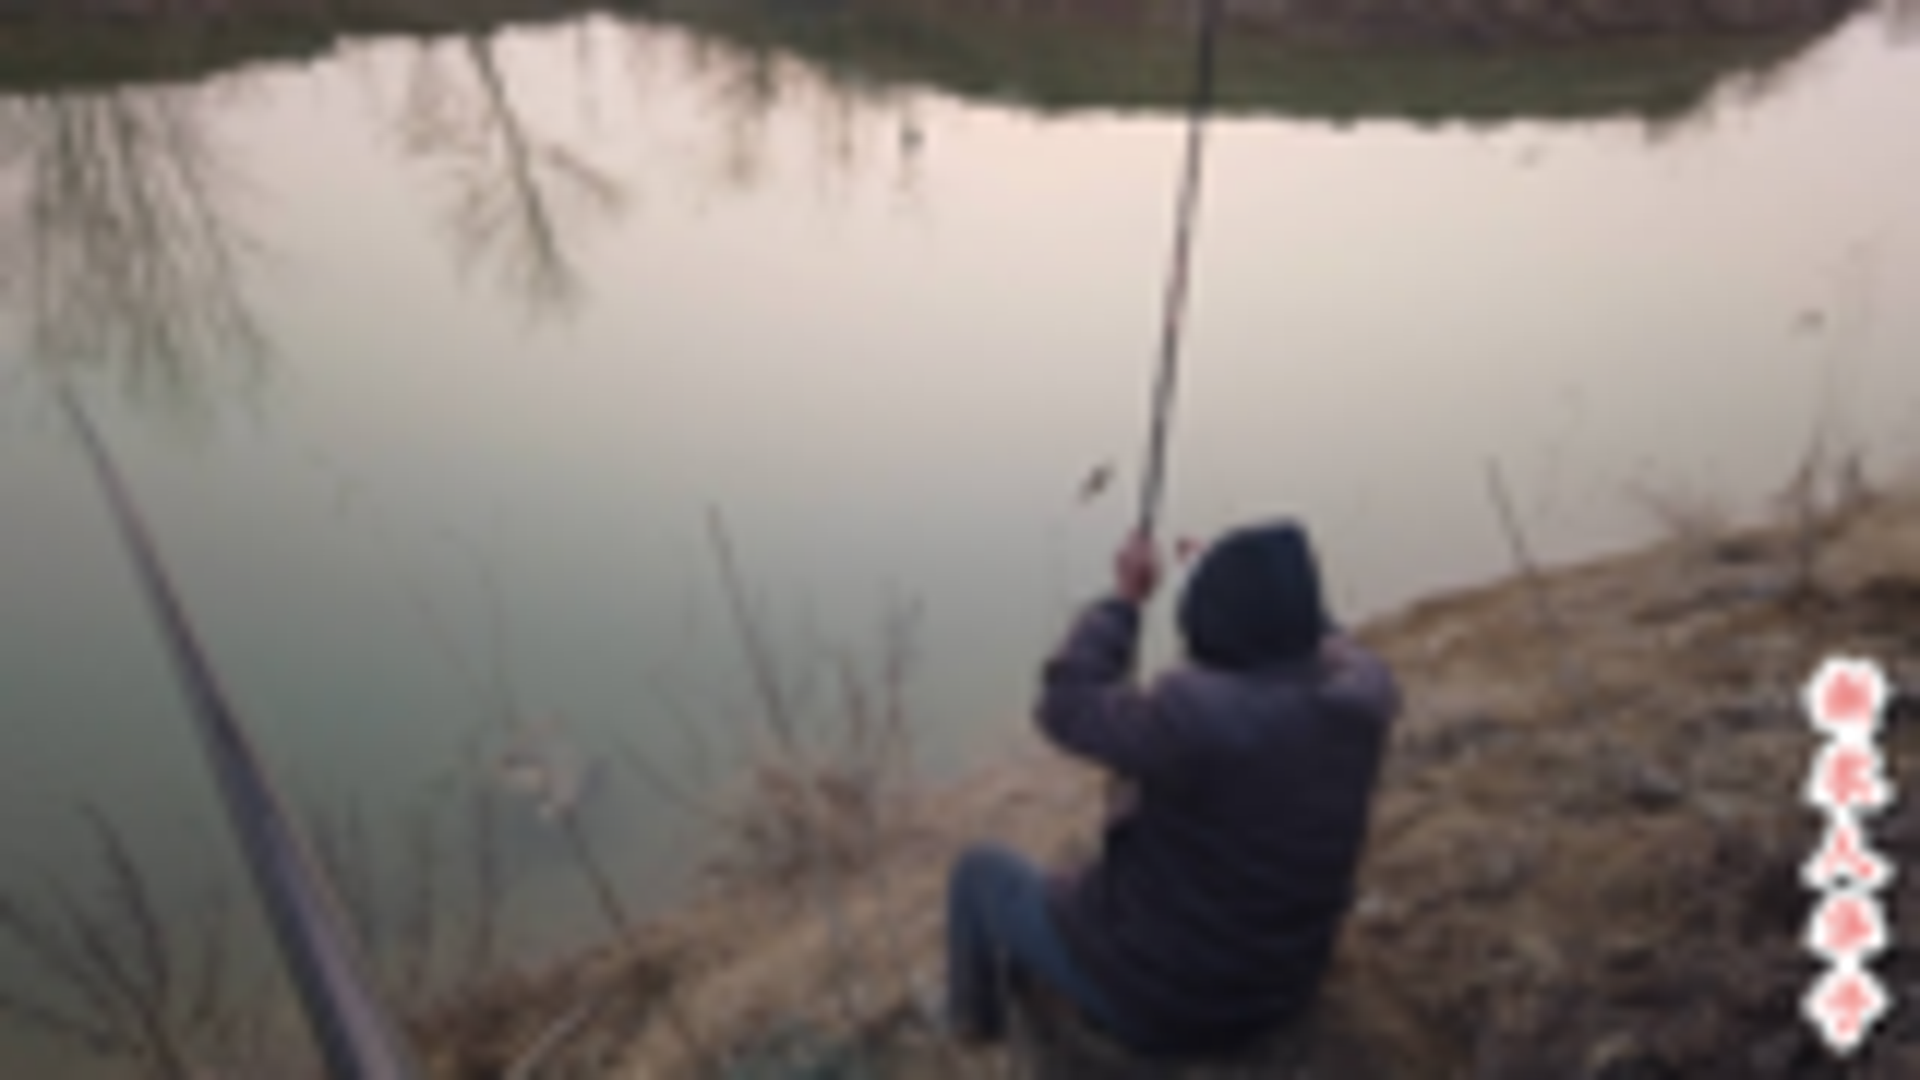 华子用11米鱼竿钓鱼,酒米打窝,鲫鱼连竿上,看鱼的个头就尴尬了